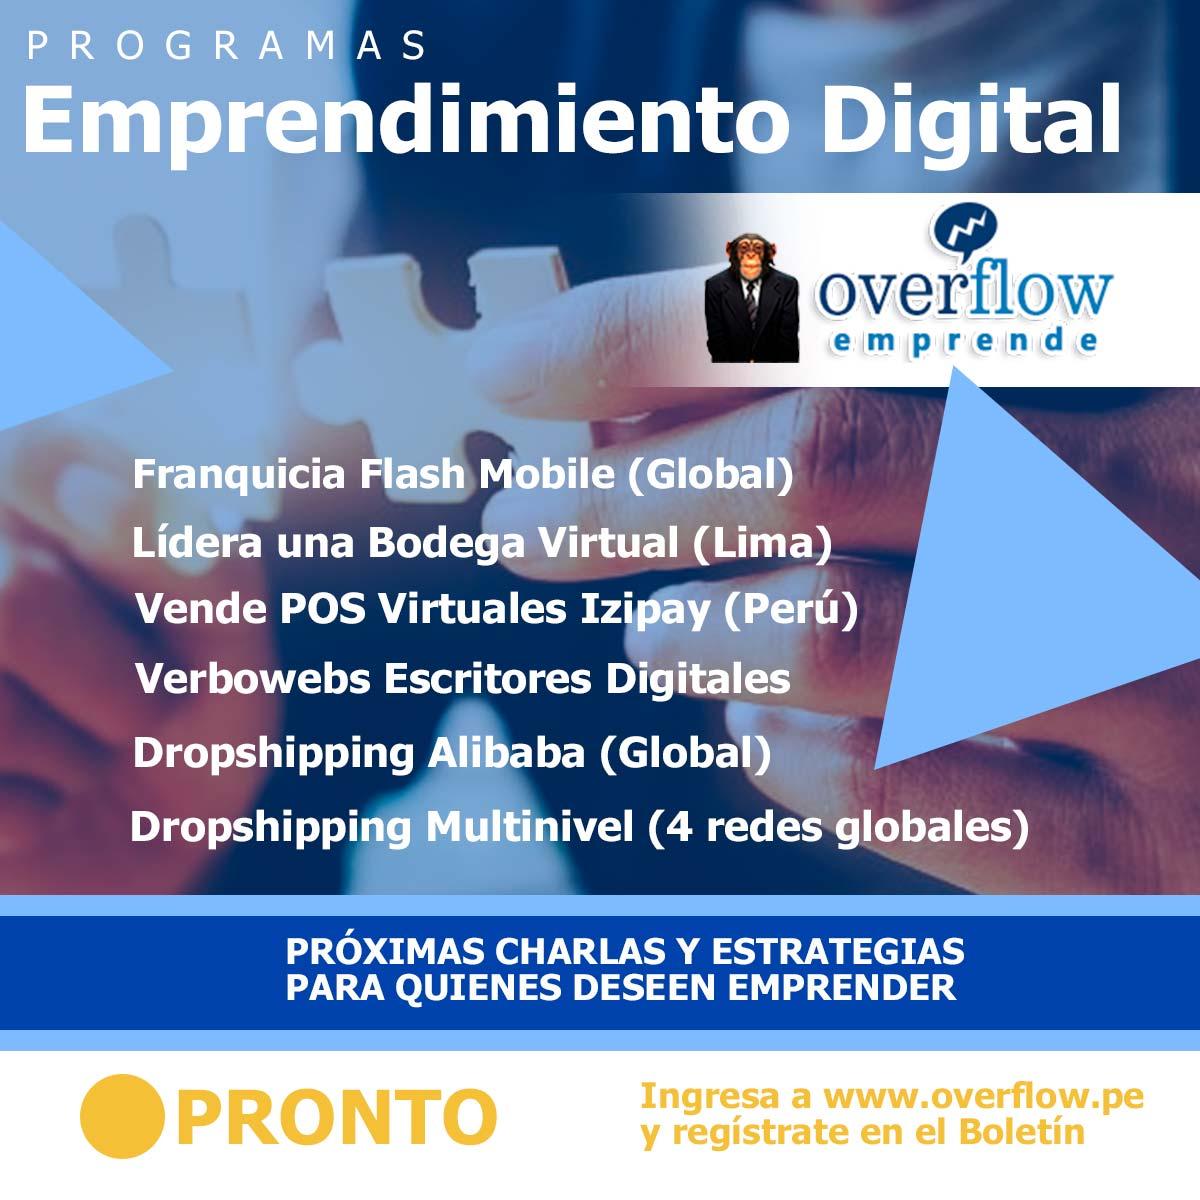 Programa Emprendedor de Overflow Emprende - Overflow.pe